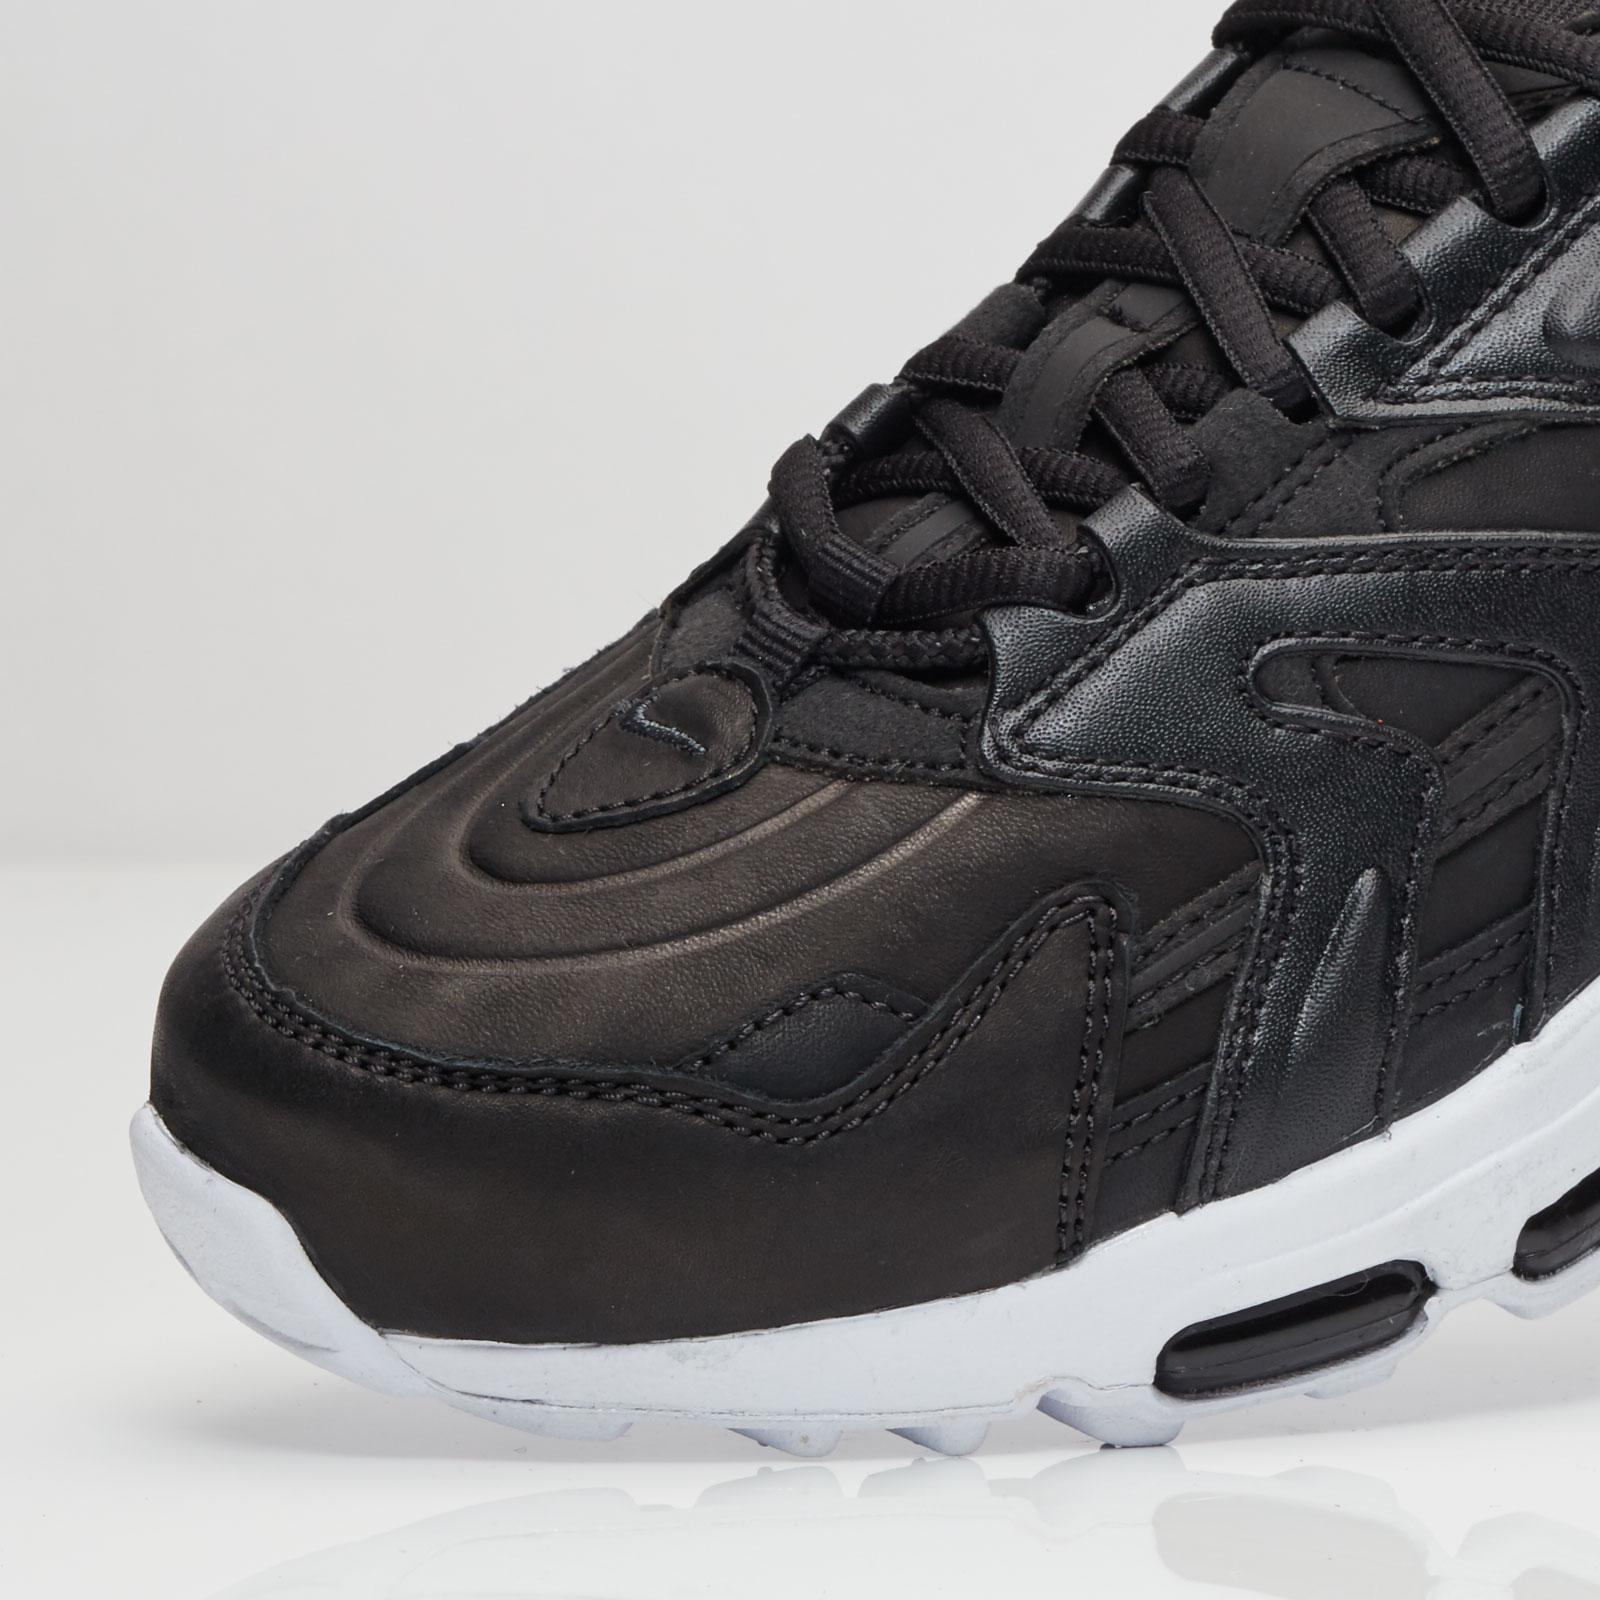 sports shoes d9ac1 98d18 Acheter air max 96 suisse pas cher